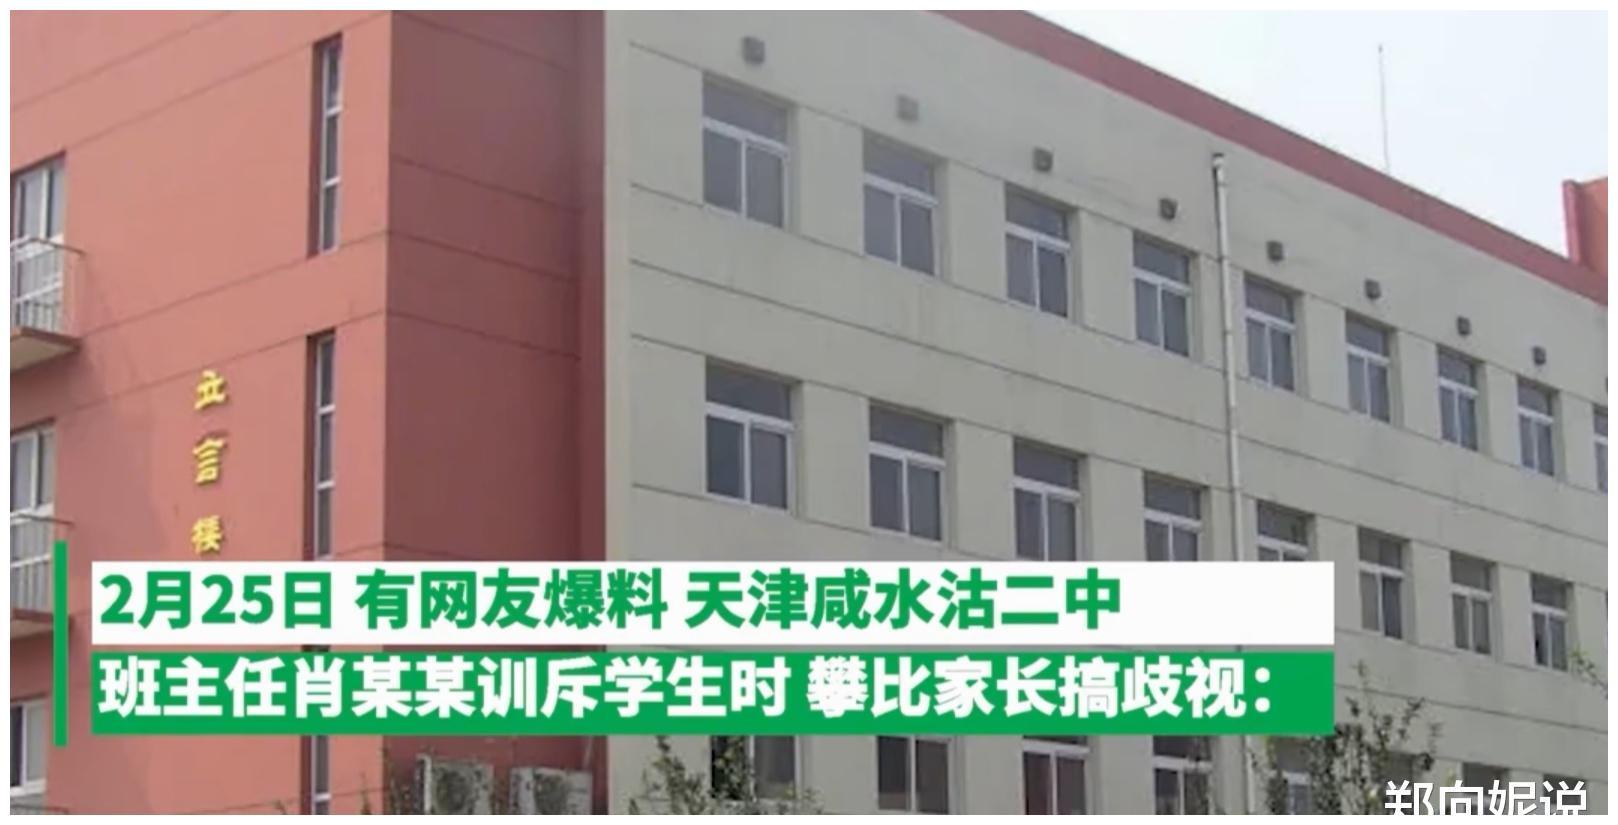 """天津""""嫌贫爱富""""女教师疑似让家长签署请愿书,此举能保住工作?"""